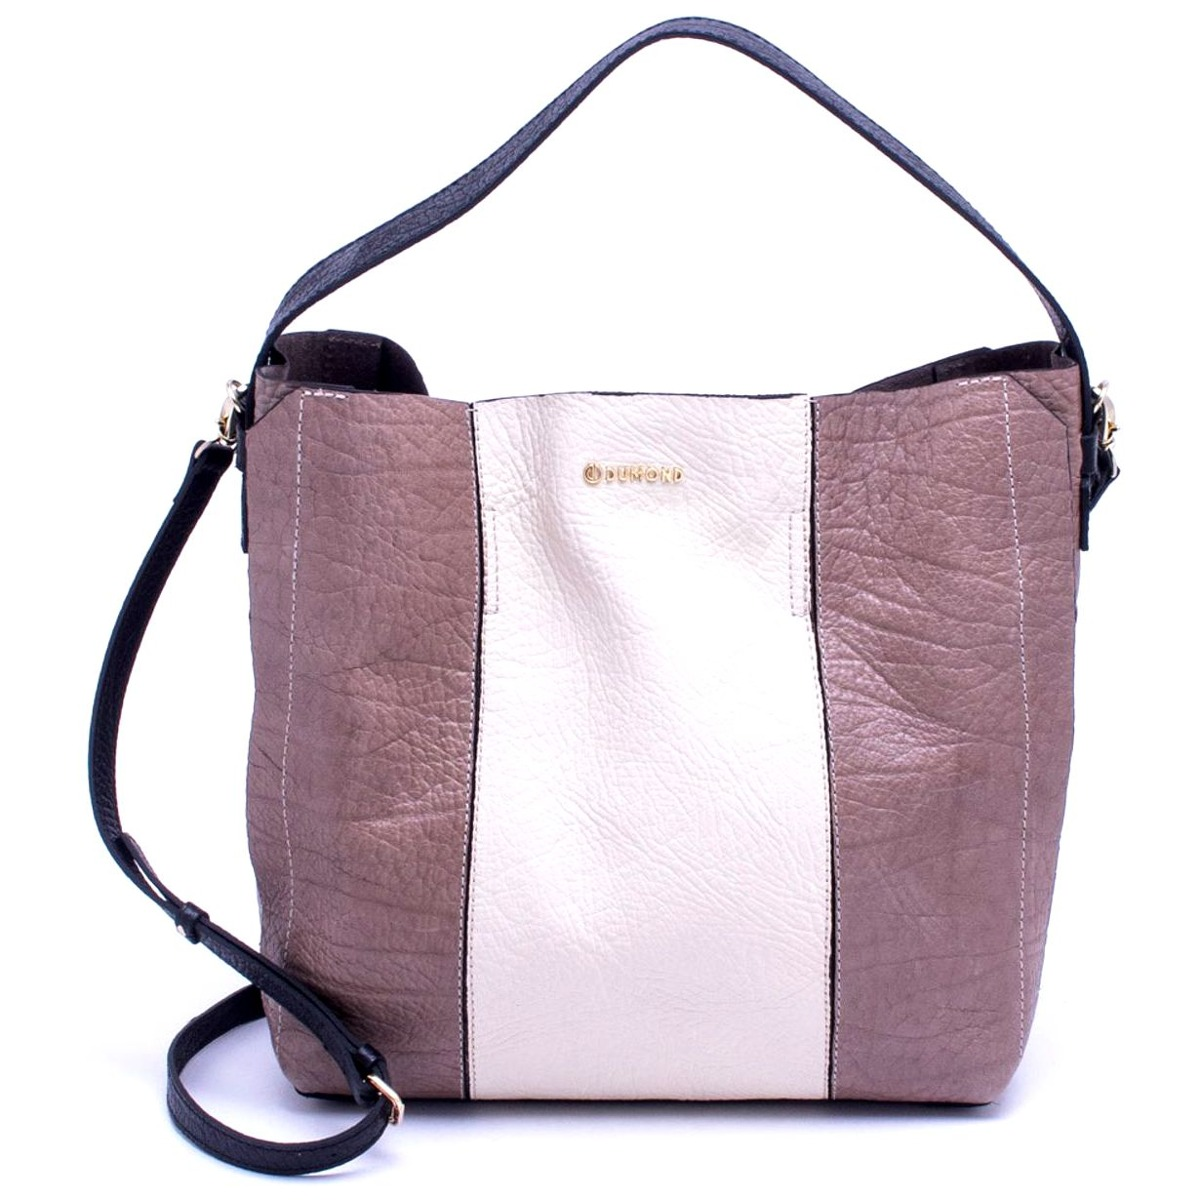 60f8ead97 bolsa feminina de mão grande dumond shopper com alça tiracol. Carregando  zoom.